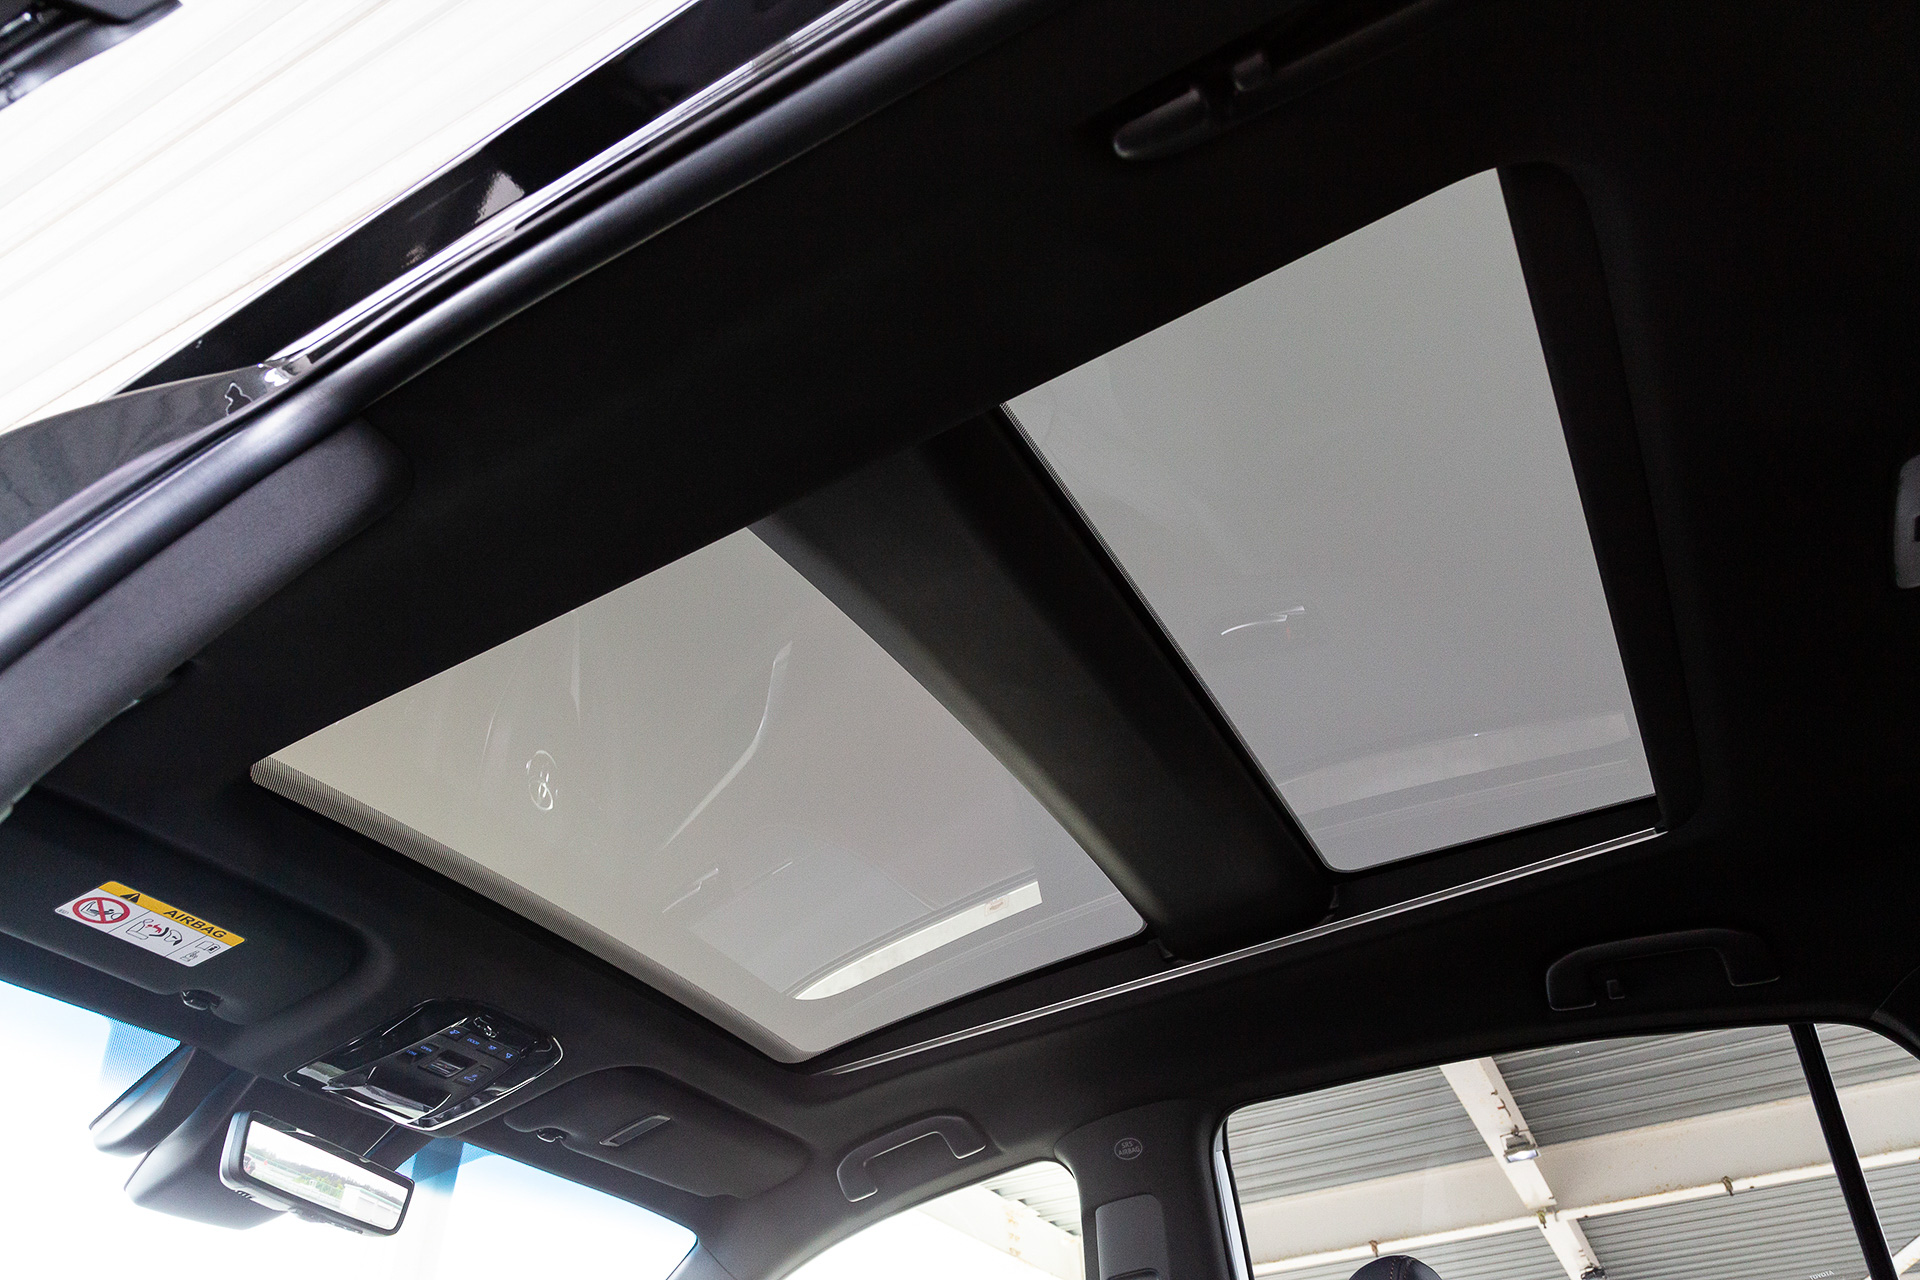 トヨタ新型「ハリアー」で初採用の「電動シェード付パノラマルーフ」は障子のようなやわらかな光を演出 - Car Watch